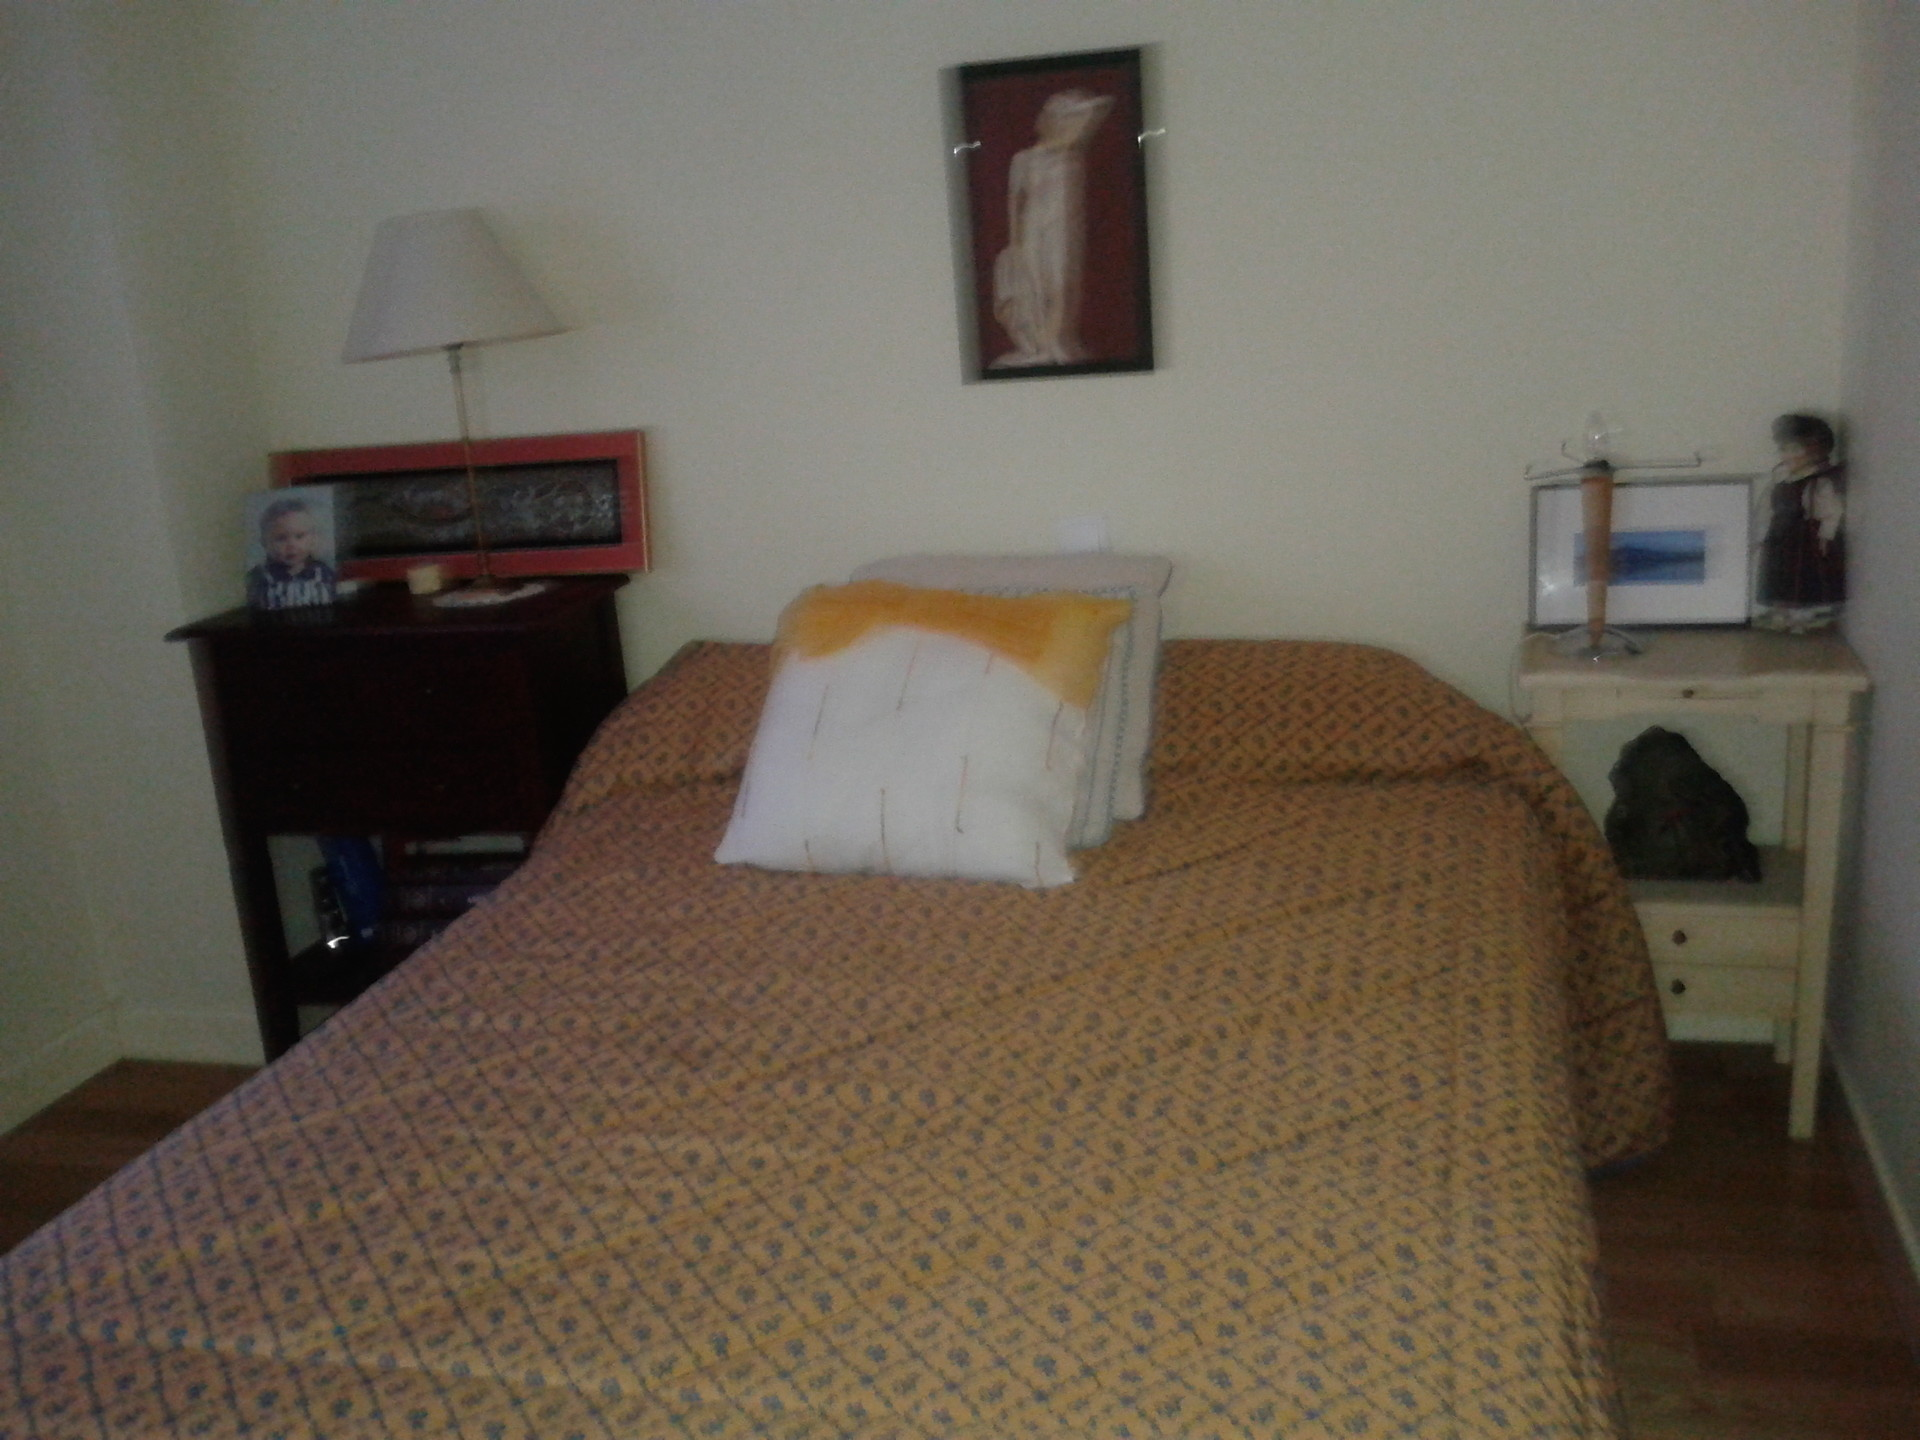 Pinar de chamartin habitaci n amplia y luminosa en piso for Alquilo habitacion amplia